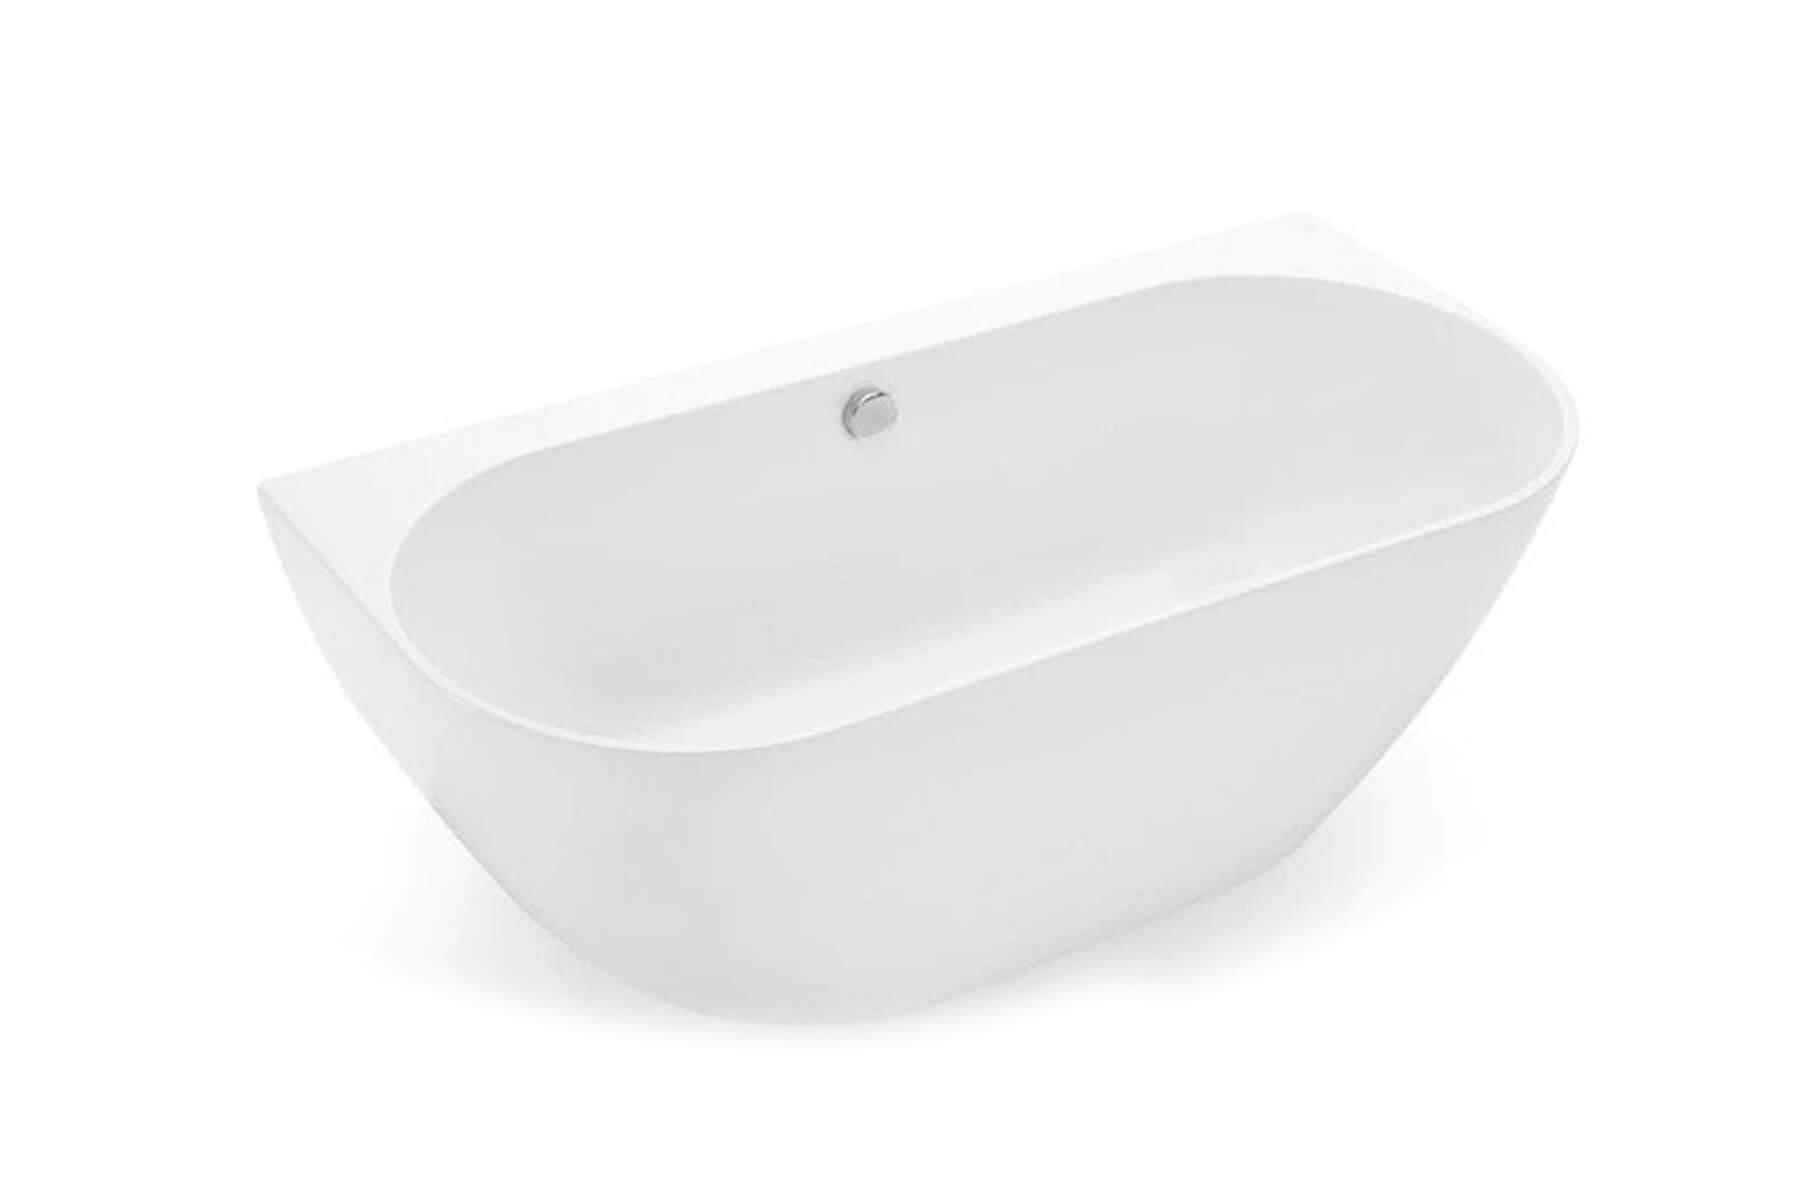 Bath-Tubs-WATERS-LOCHE-BTW-SIDE-1800x1204